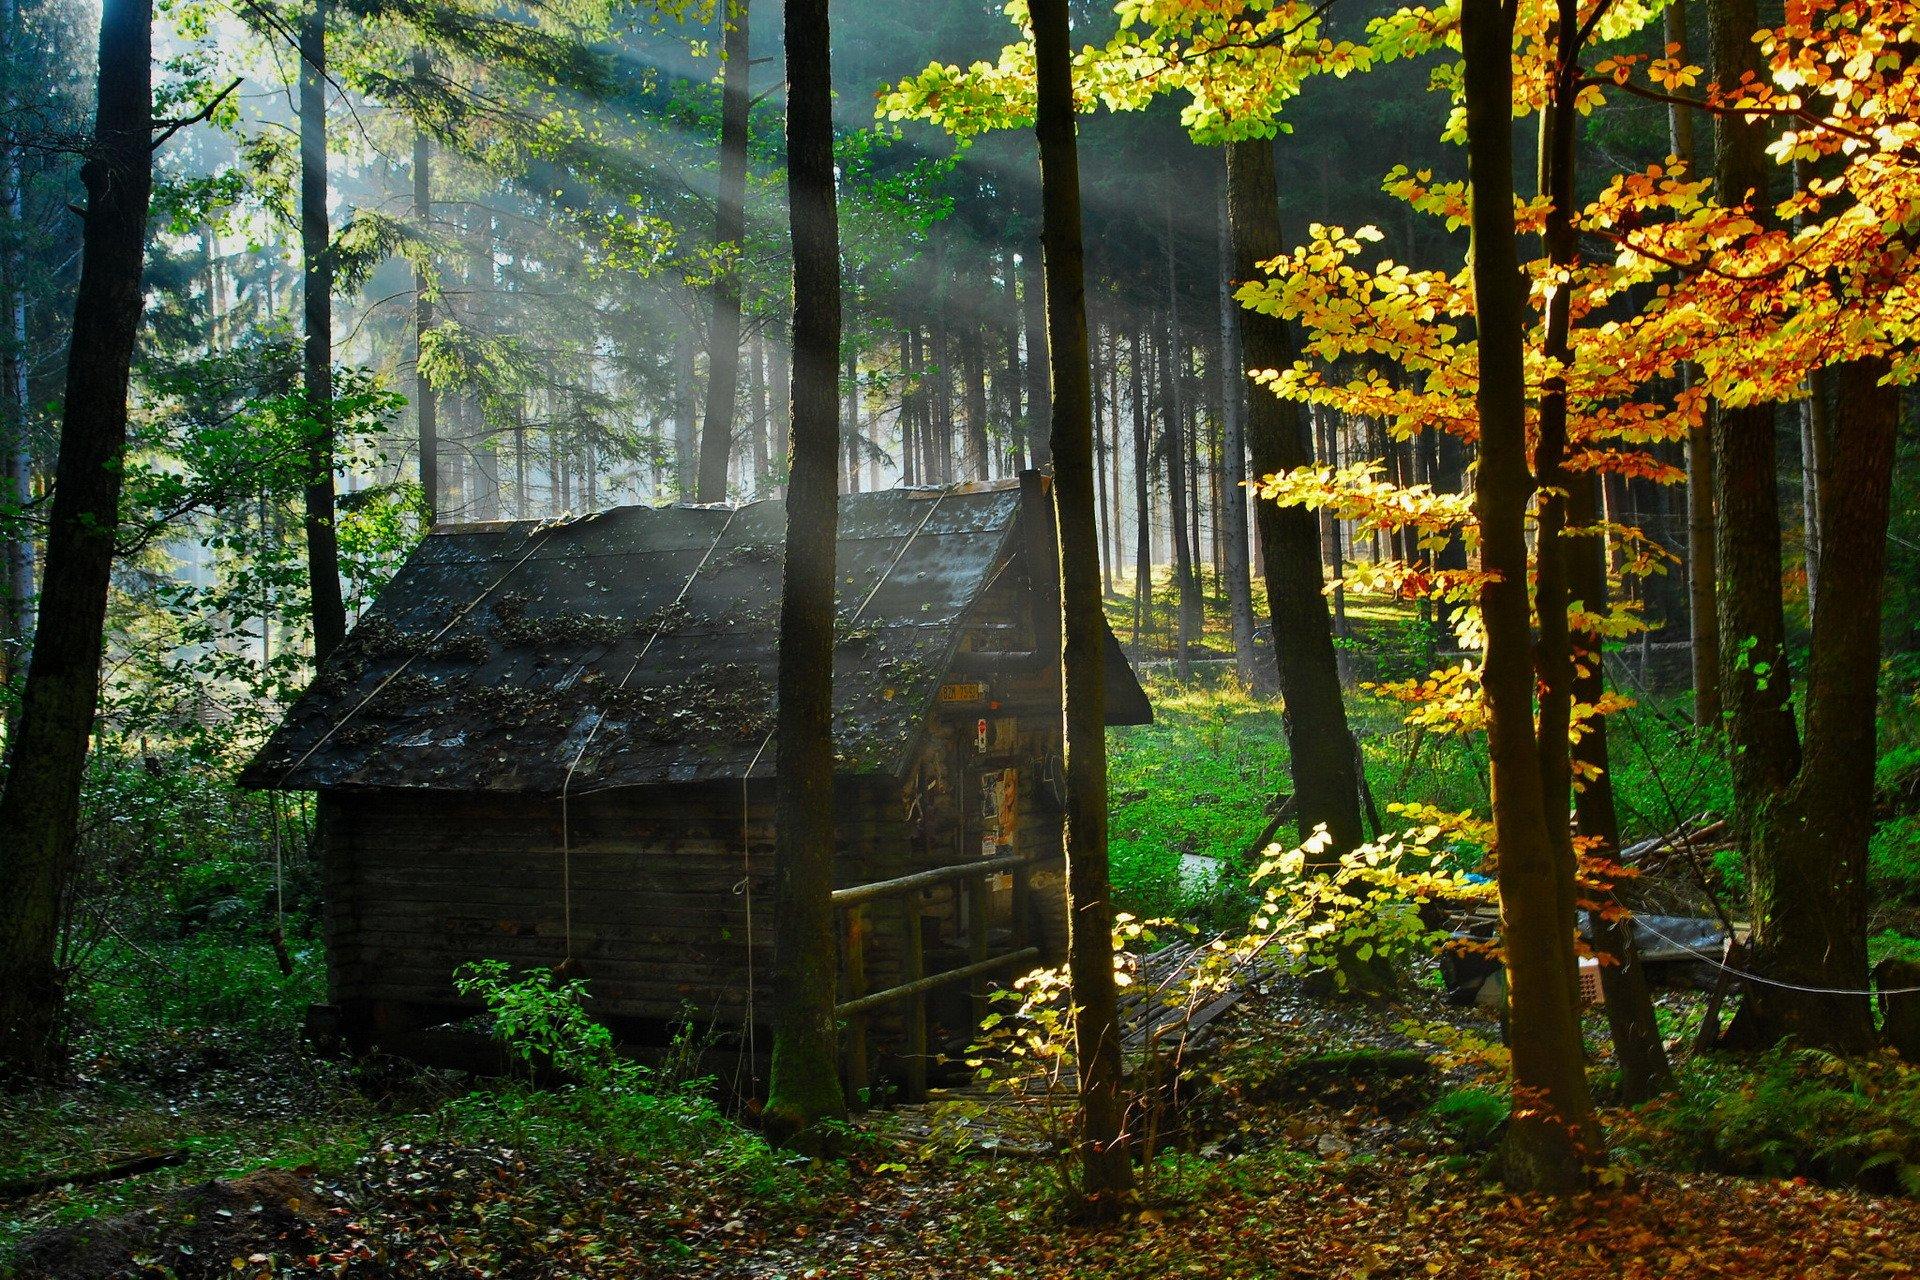 дизайн дом в чаще леса картинка можете заказать